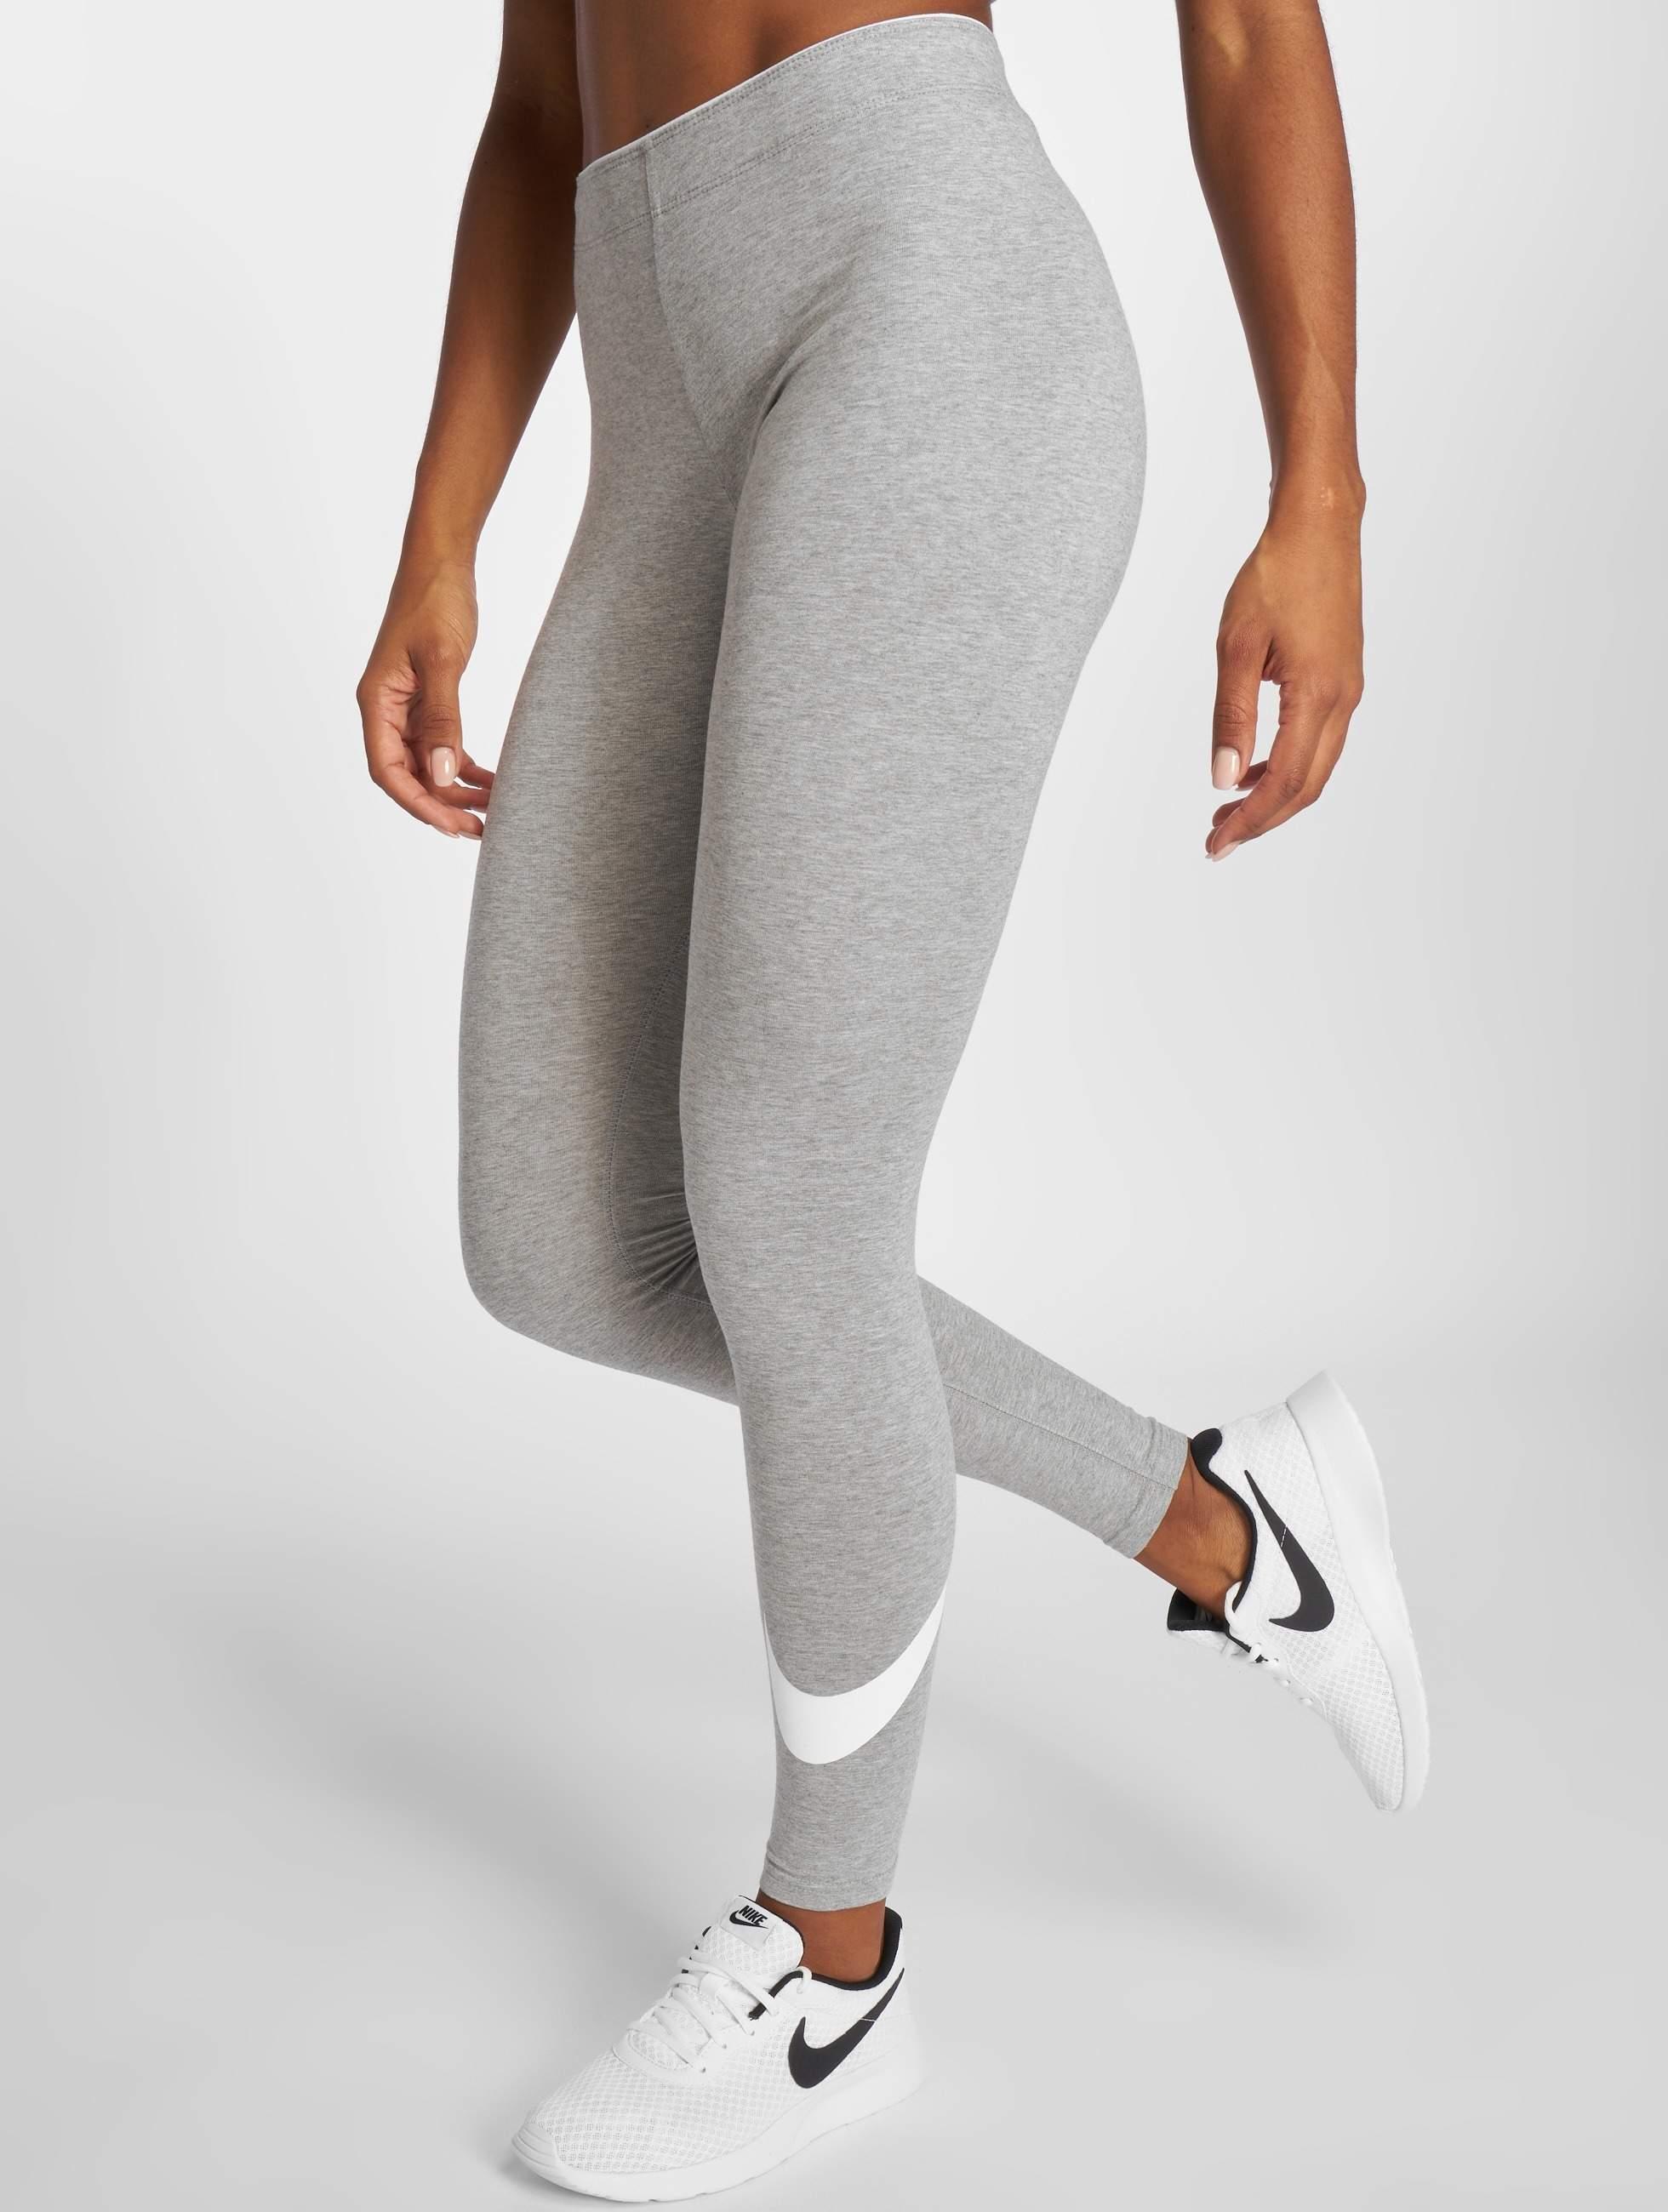 legging nike gris et blanc